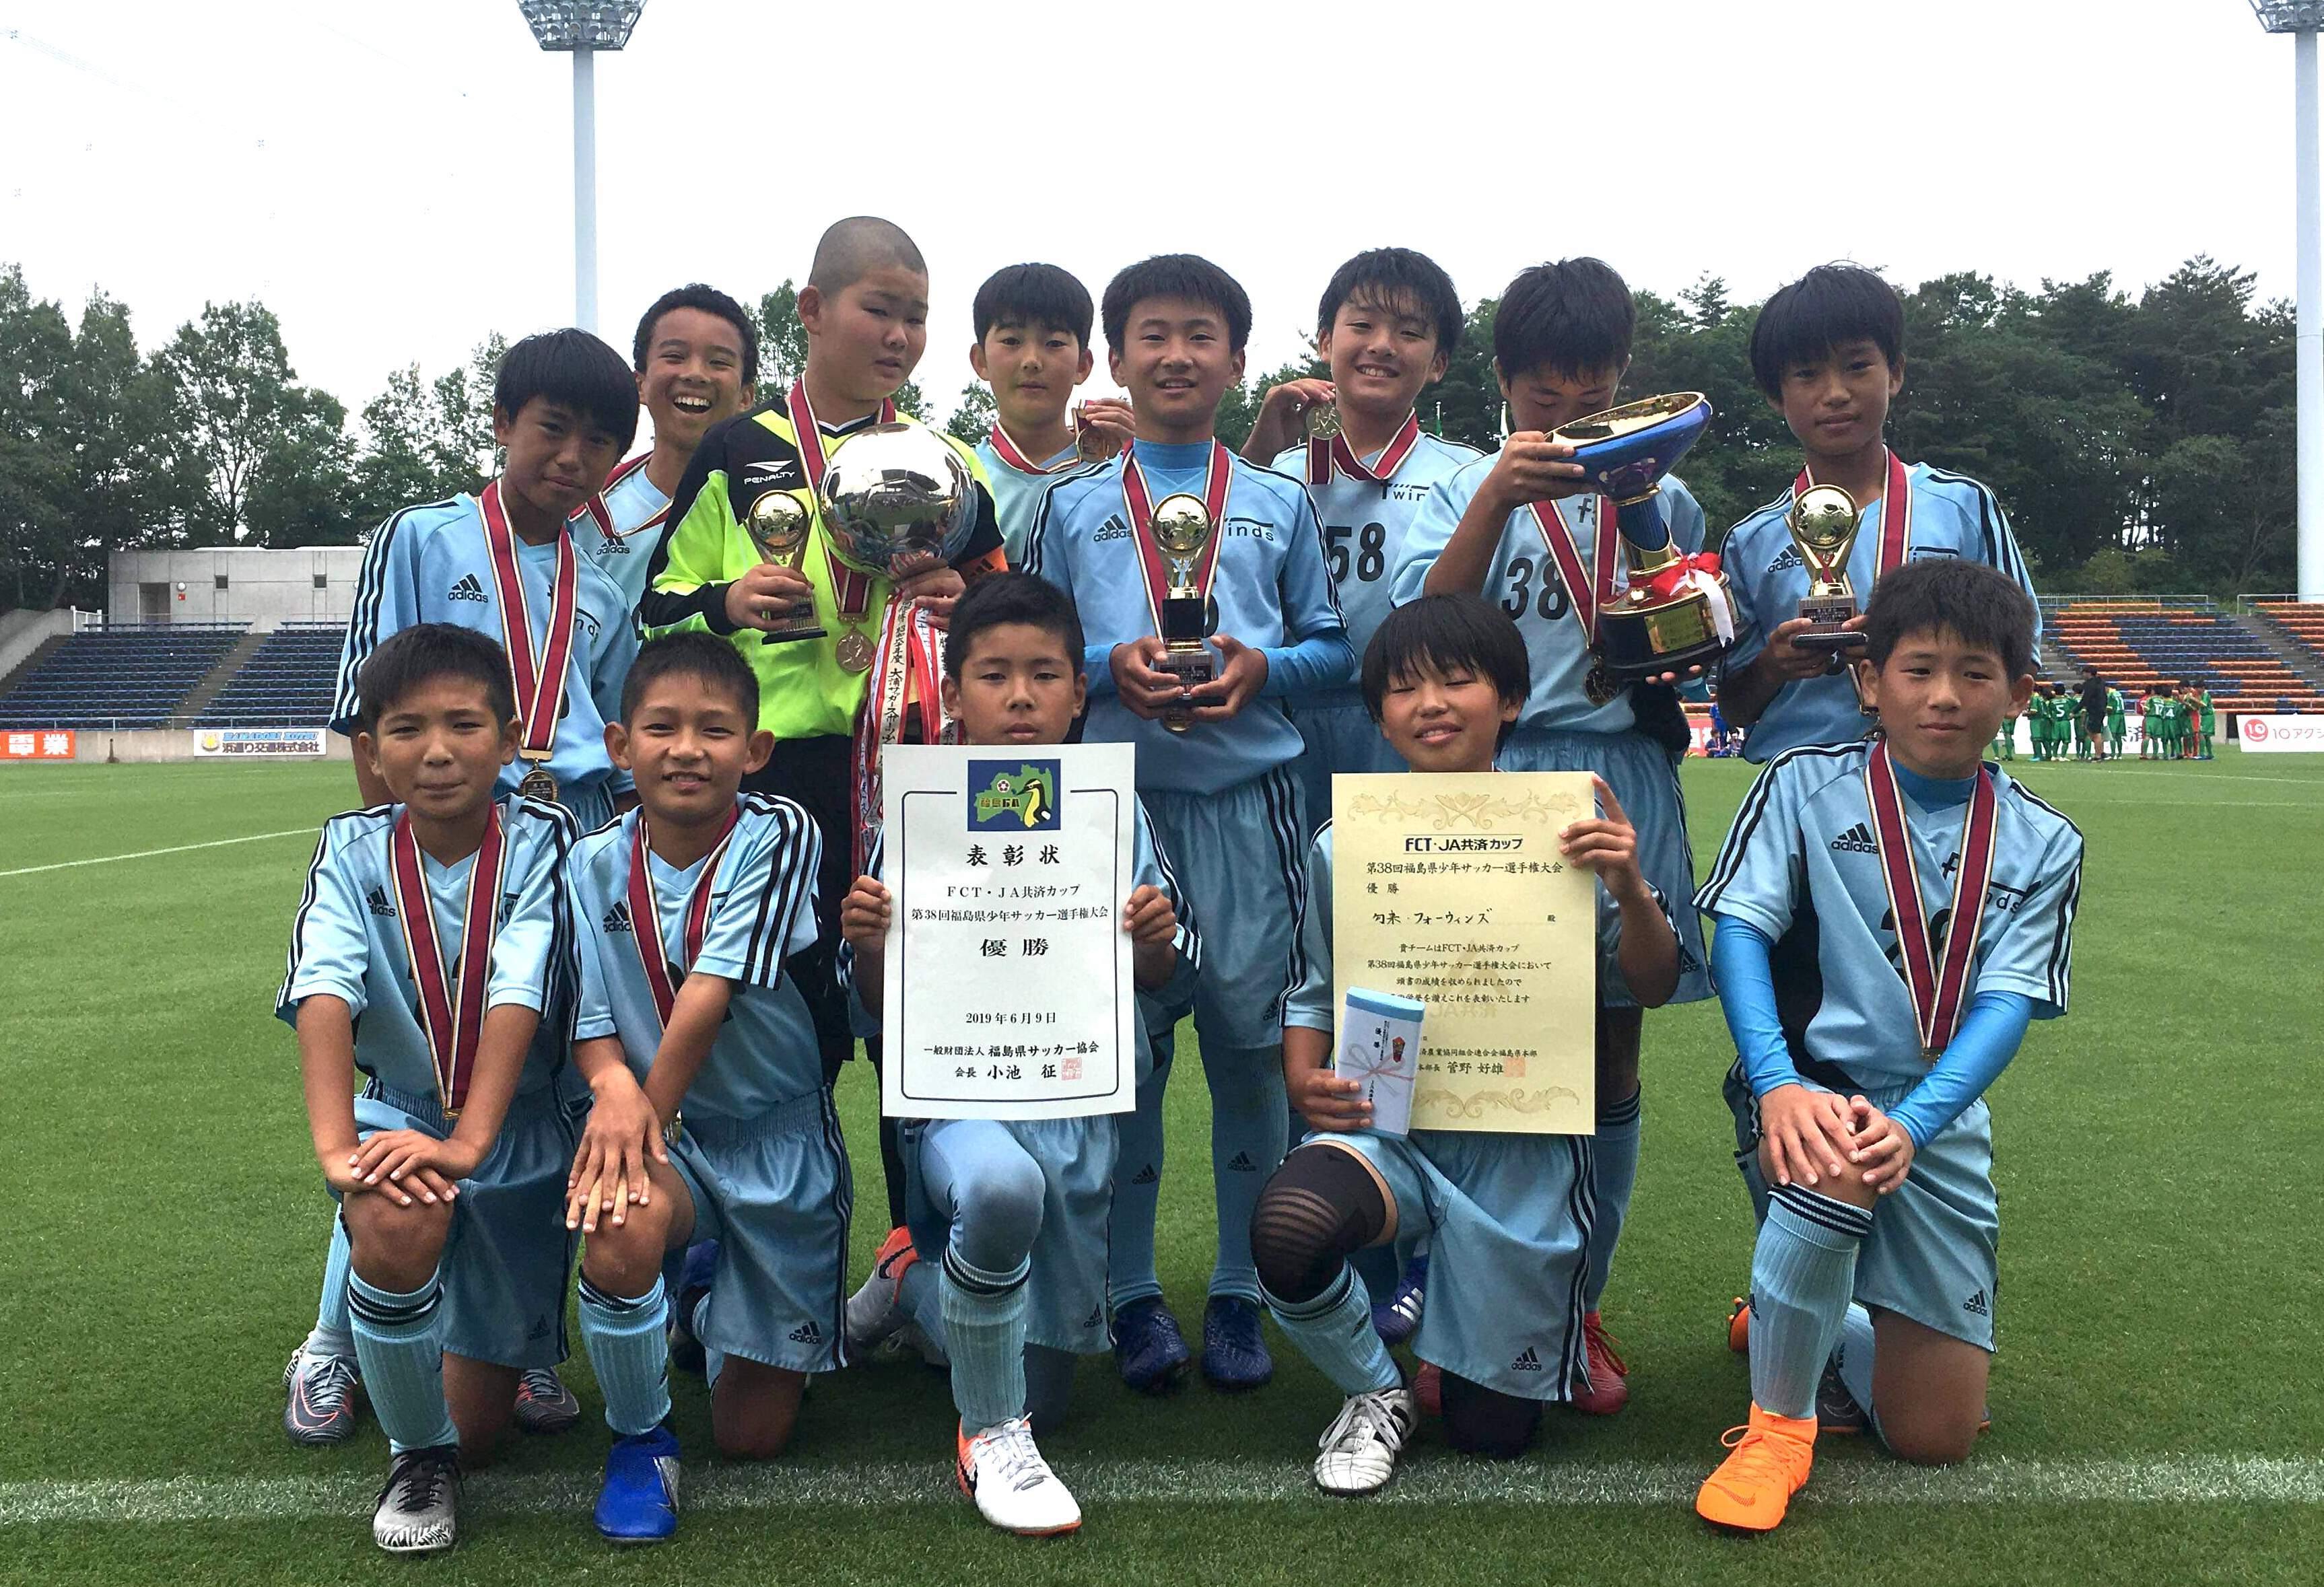 福島 県 サッカー 協会